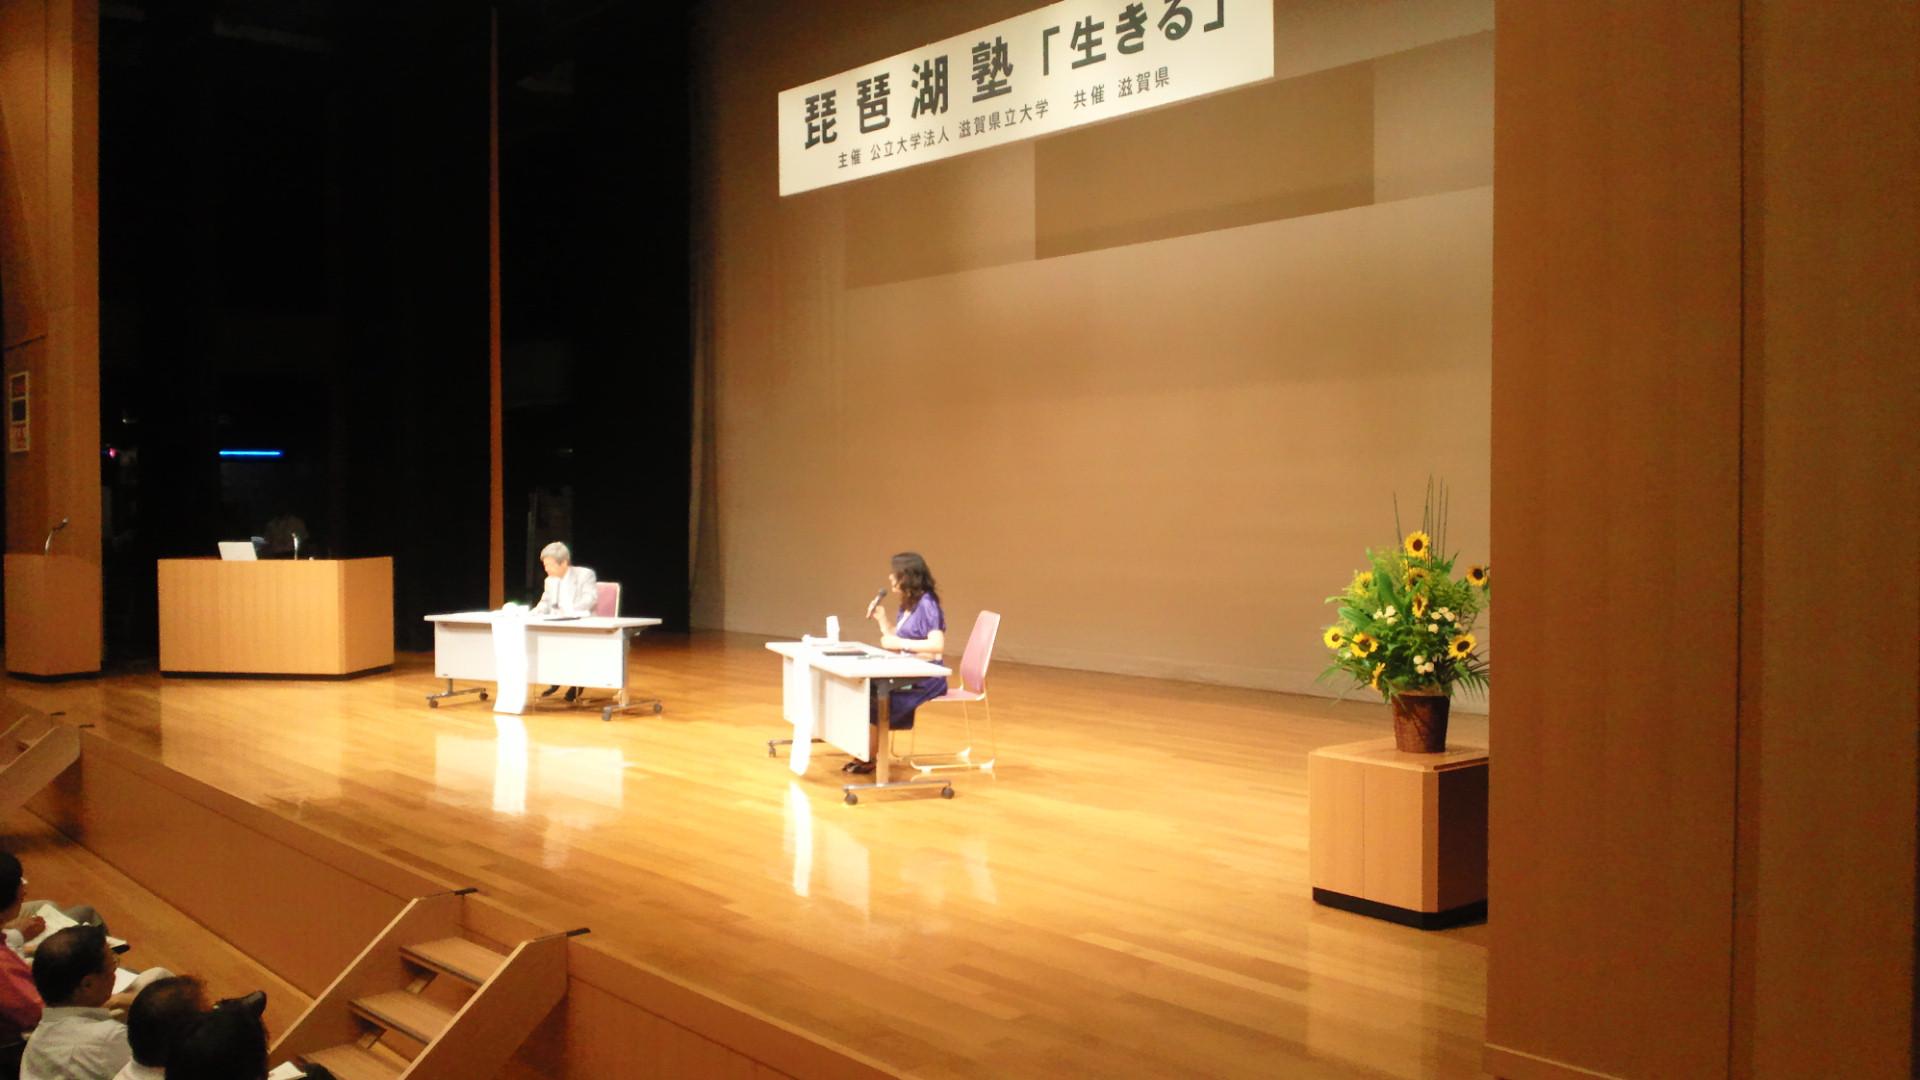 田原総一朗さん塾長の「琵琶湖塾」に講師として、参加しました。